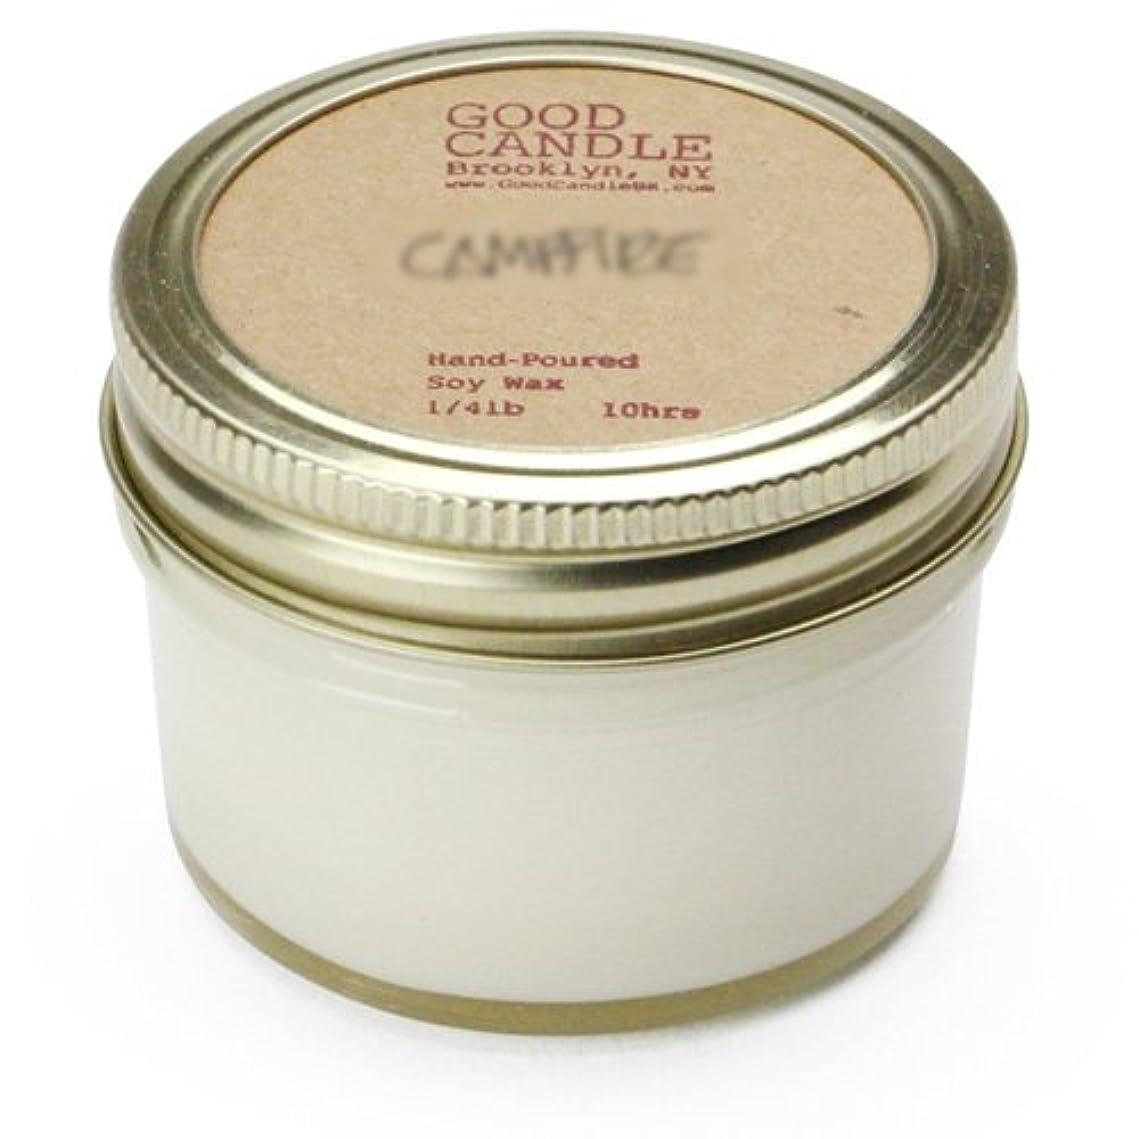 昼寝仕事ハックグッドキャンドル 1/4ポンド ゼリージャー キャンドル Good Candle 1/4LB Jelly jar candle [ Wash board ] 正規品